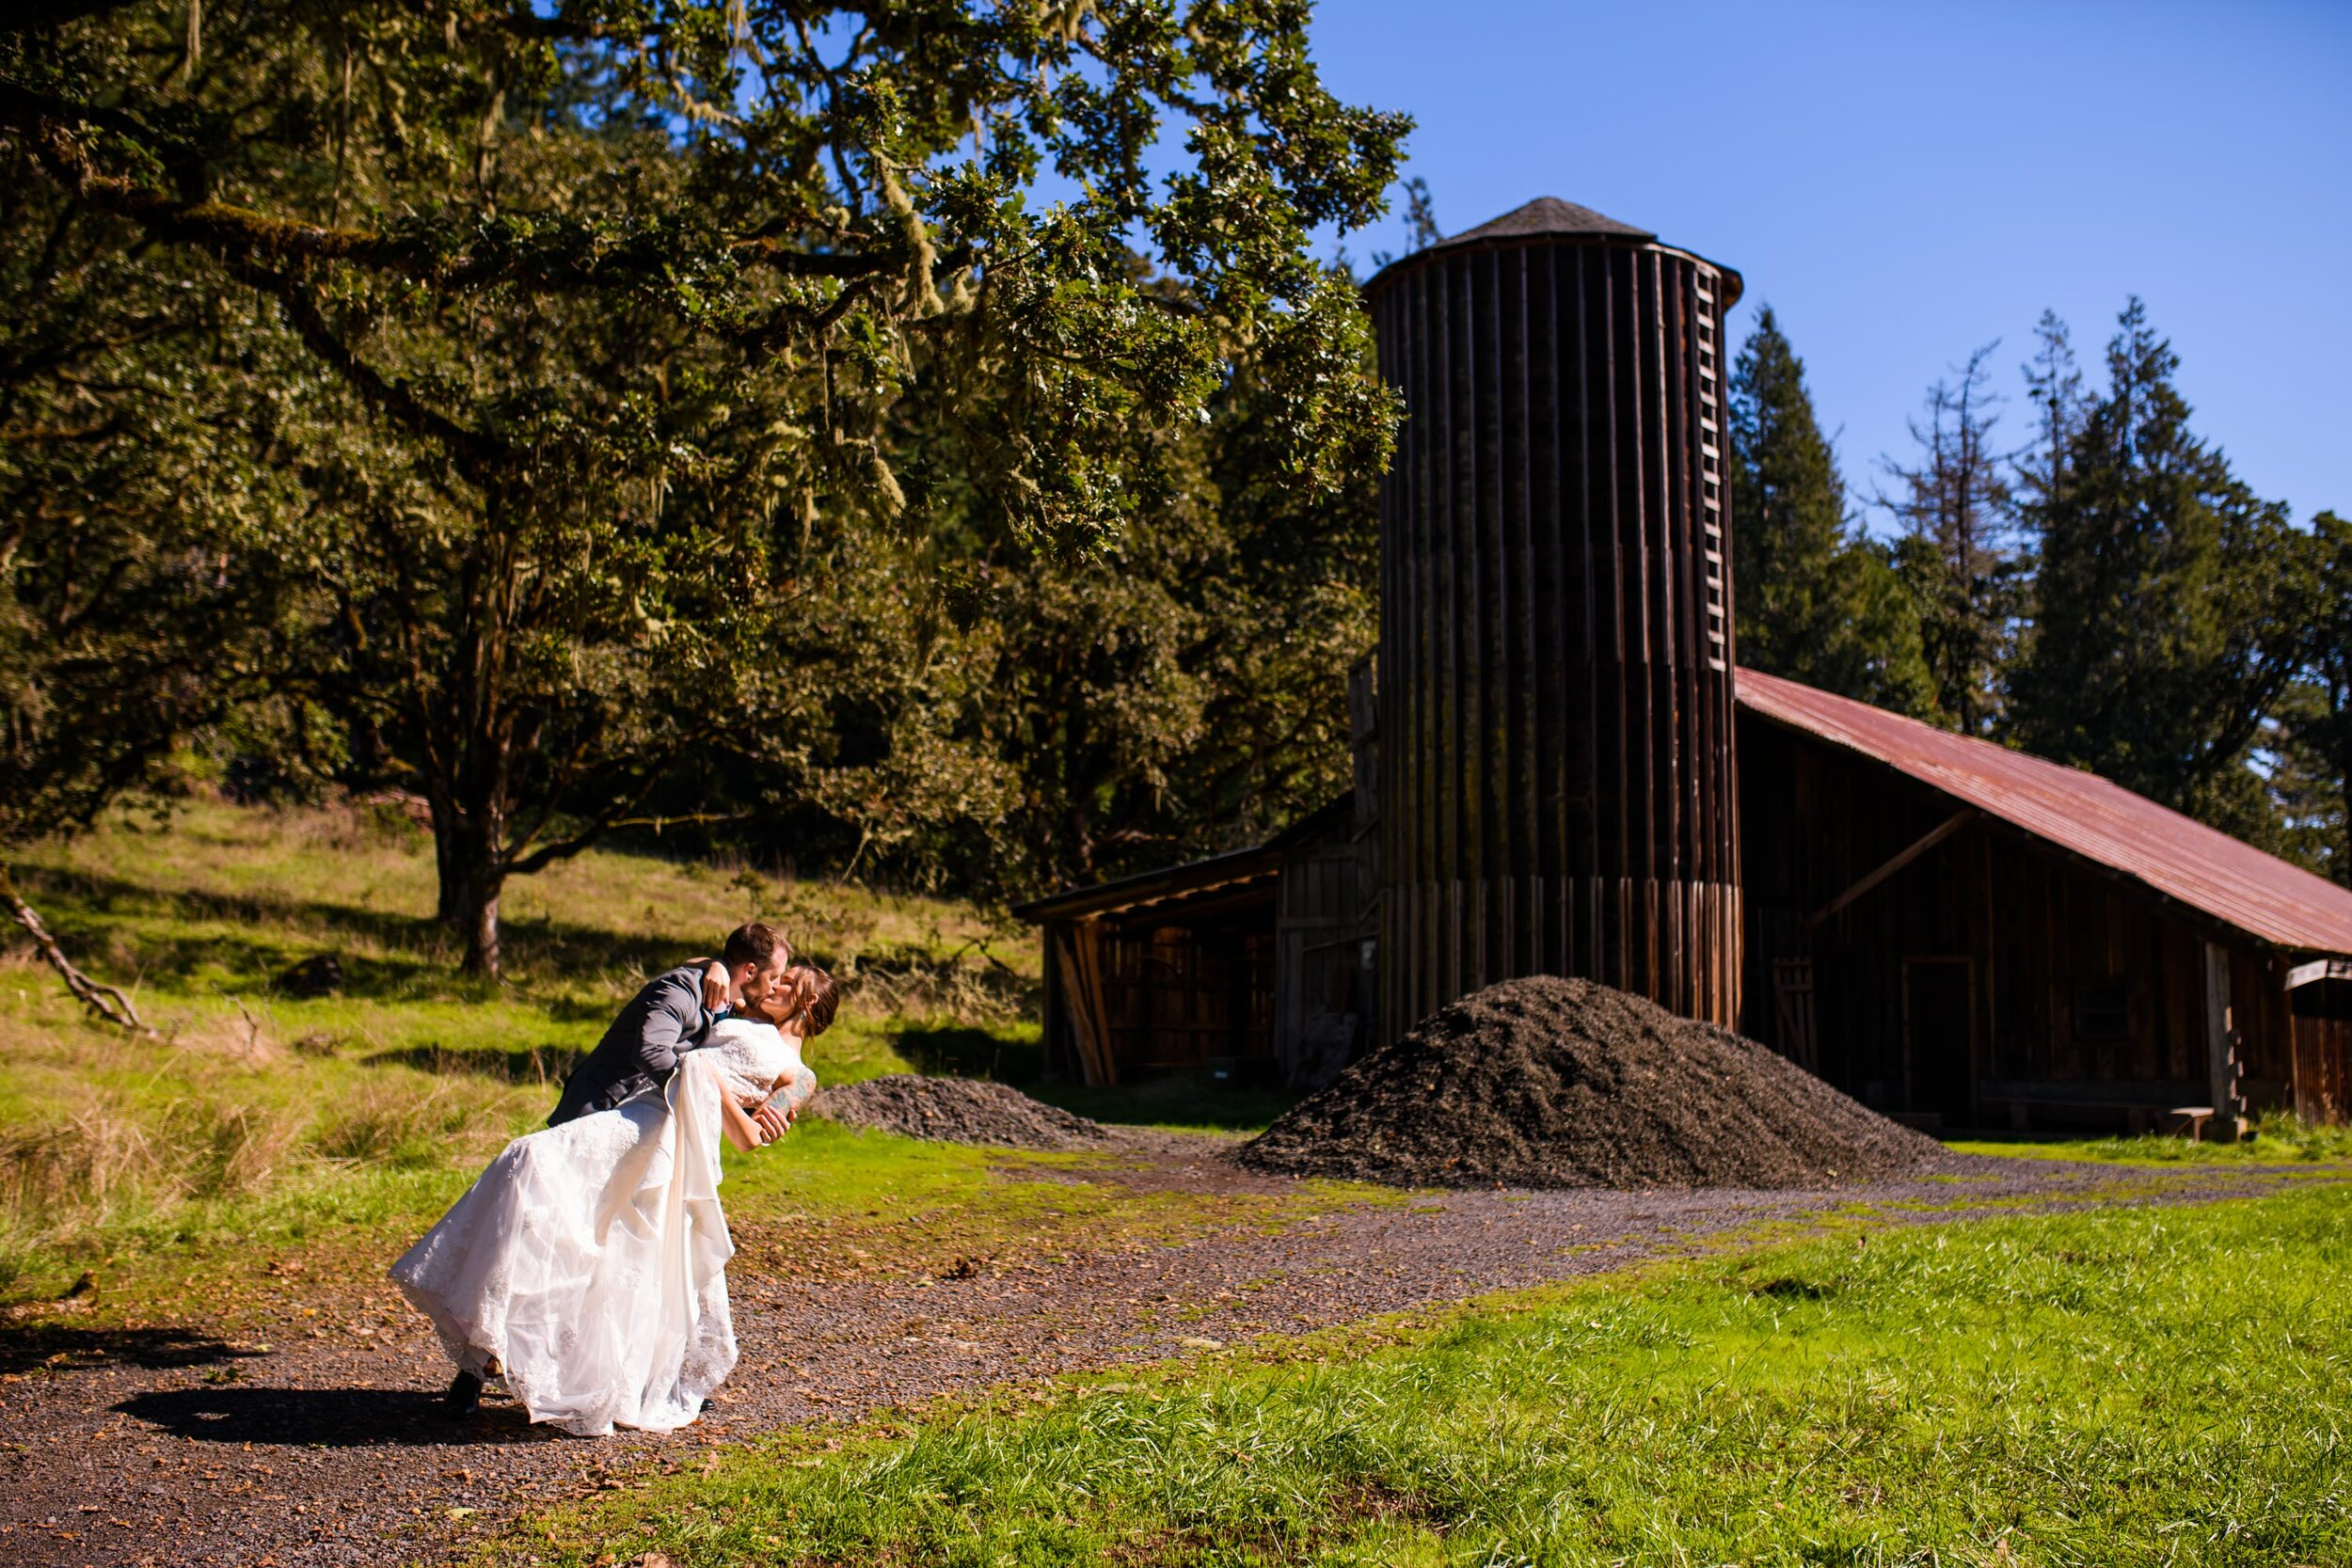 Mt. Pisgah Arboretum wedding photos 54.JPG